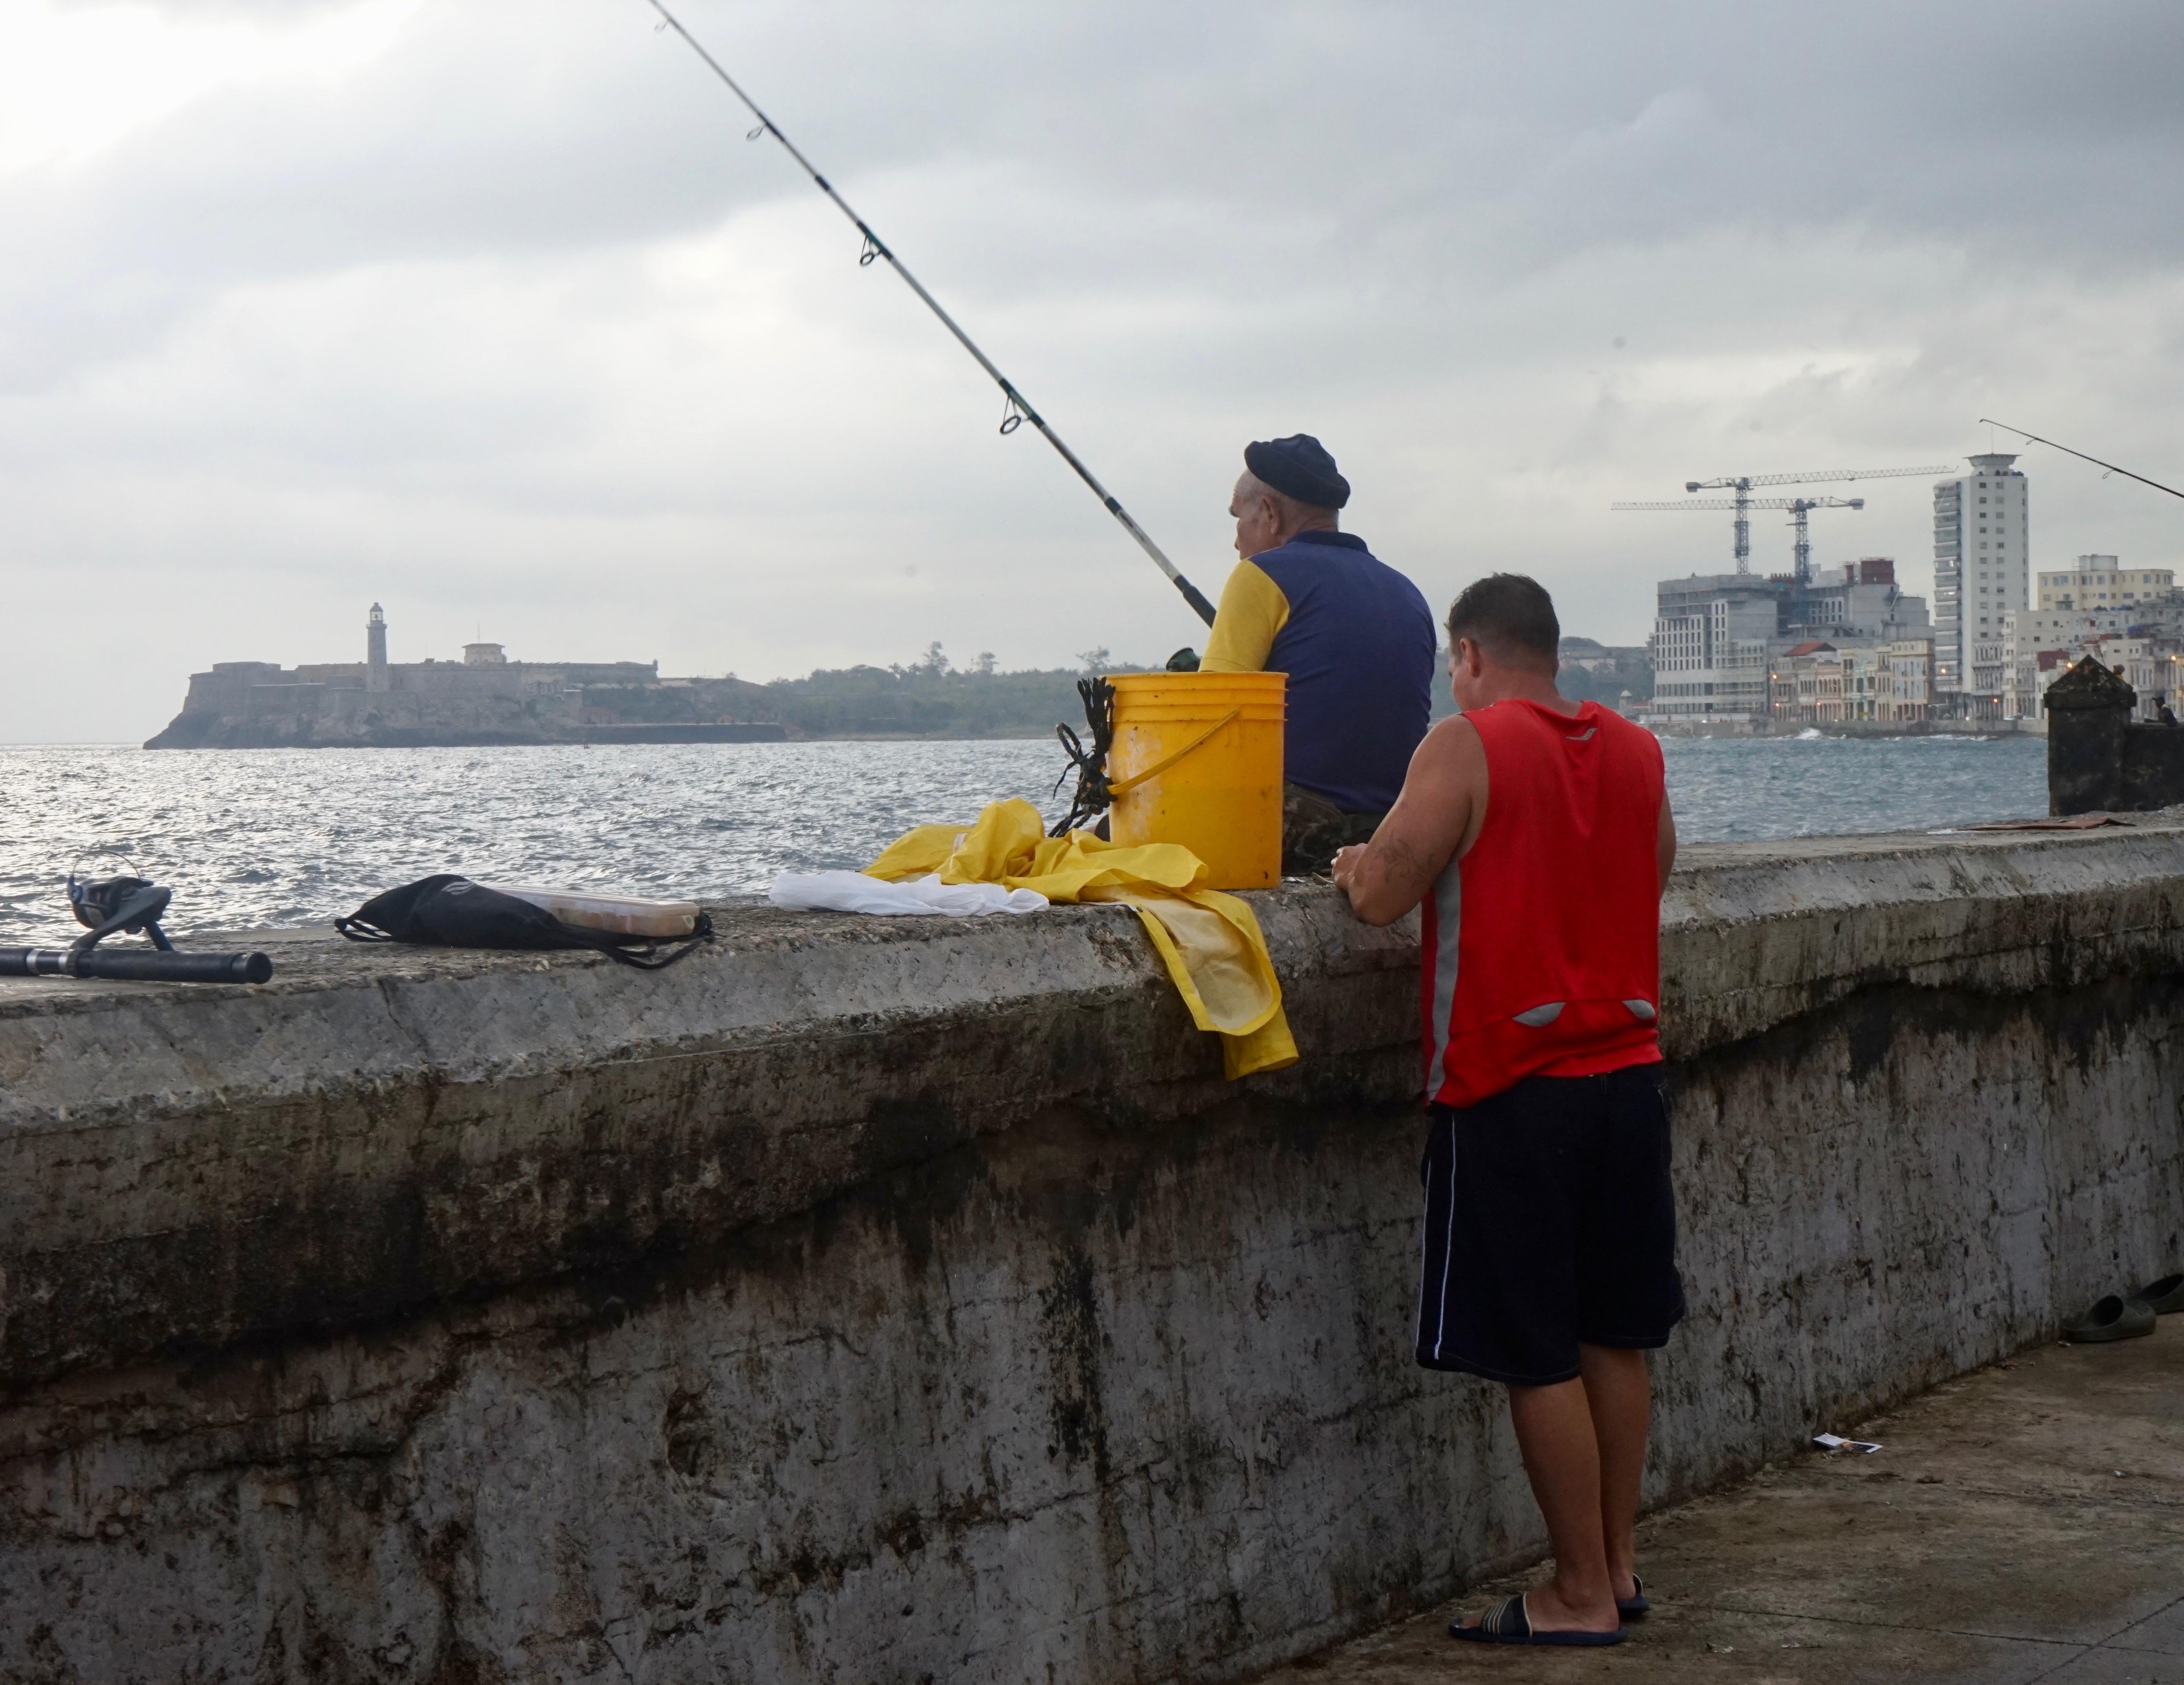 Pescador en El Malecón